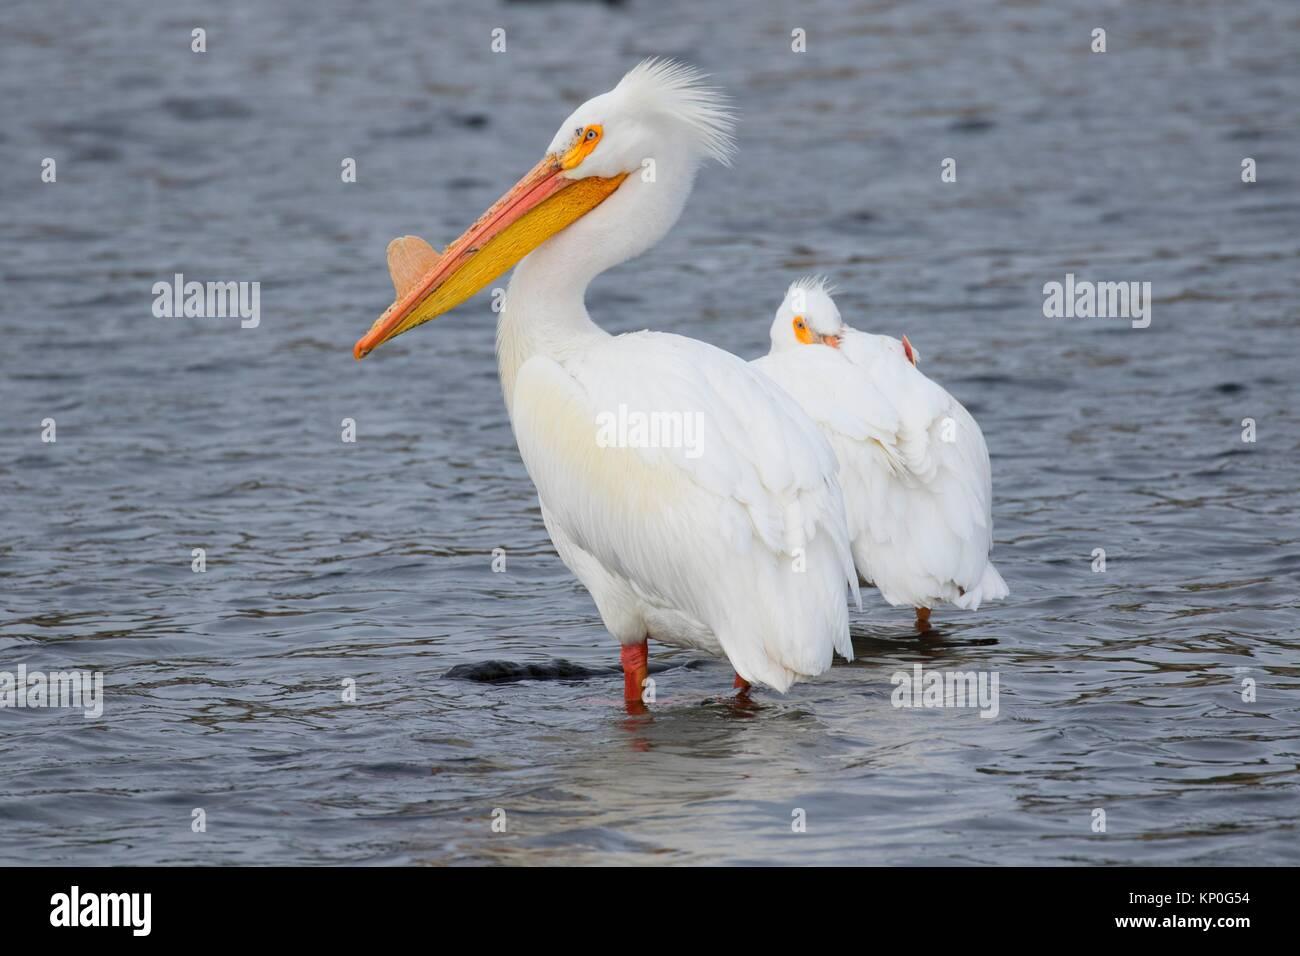 Pélican blanc (Pelecanus erythrorhynchos), l'accès à l'eau du ruisseau Rocky Ford Site, Washington. Photo Stock